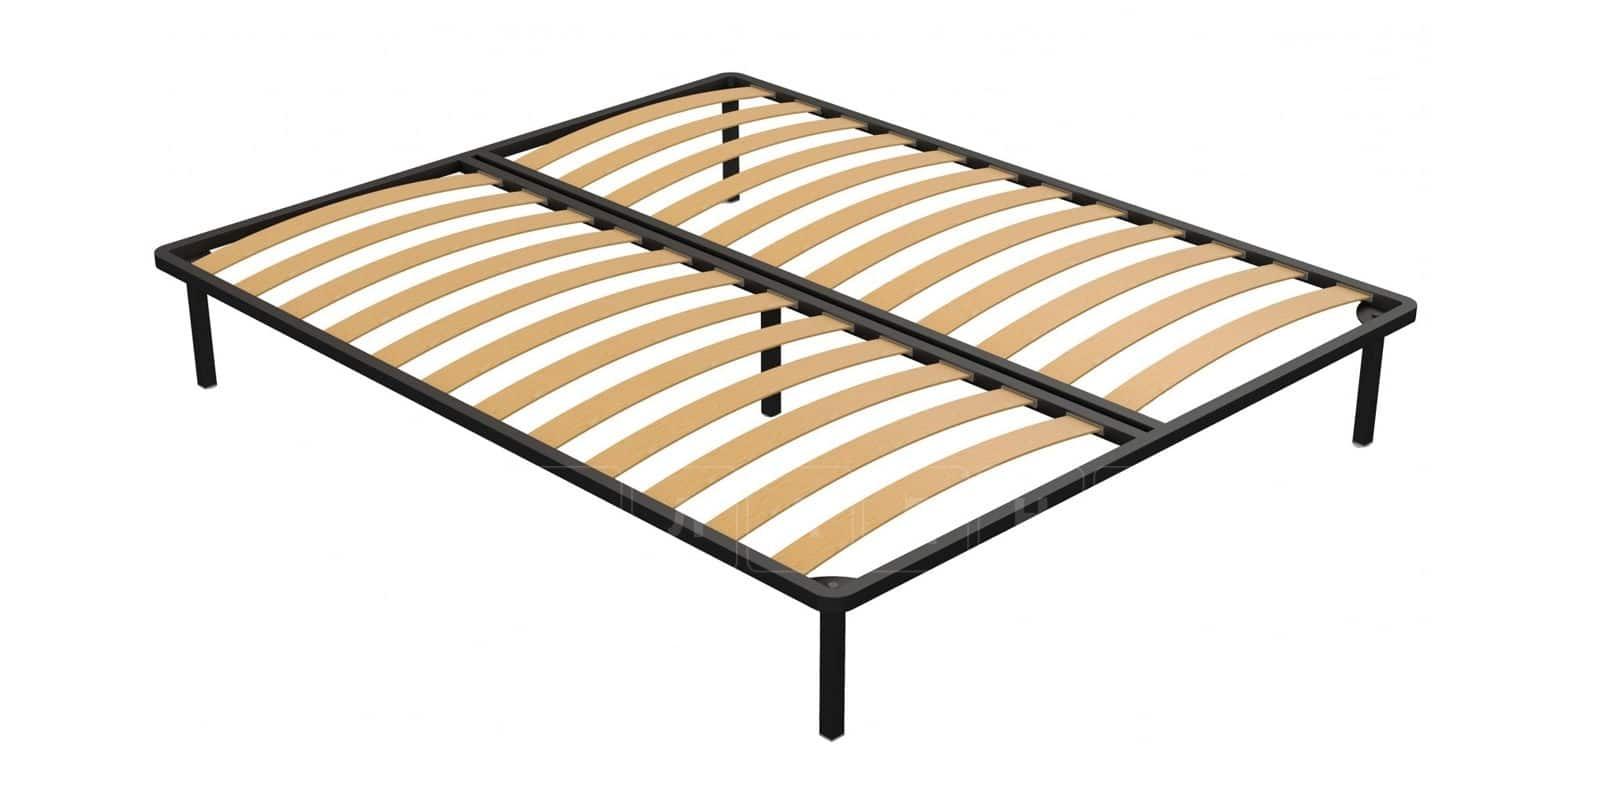 Мягкая кровать Лайф 160см перламутр с подъемным механизмом фото 8 | интернет-магазин Складно